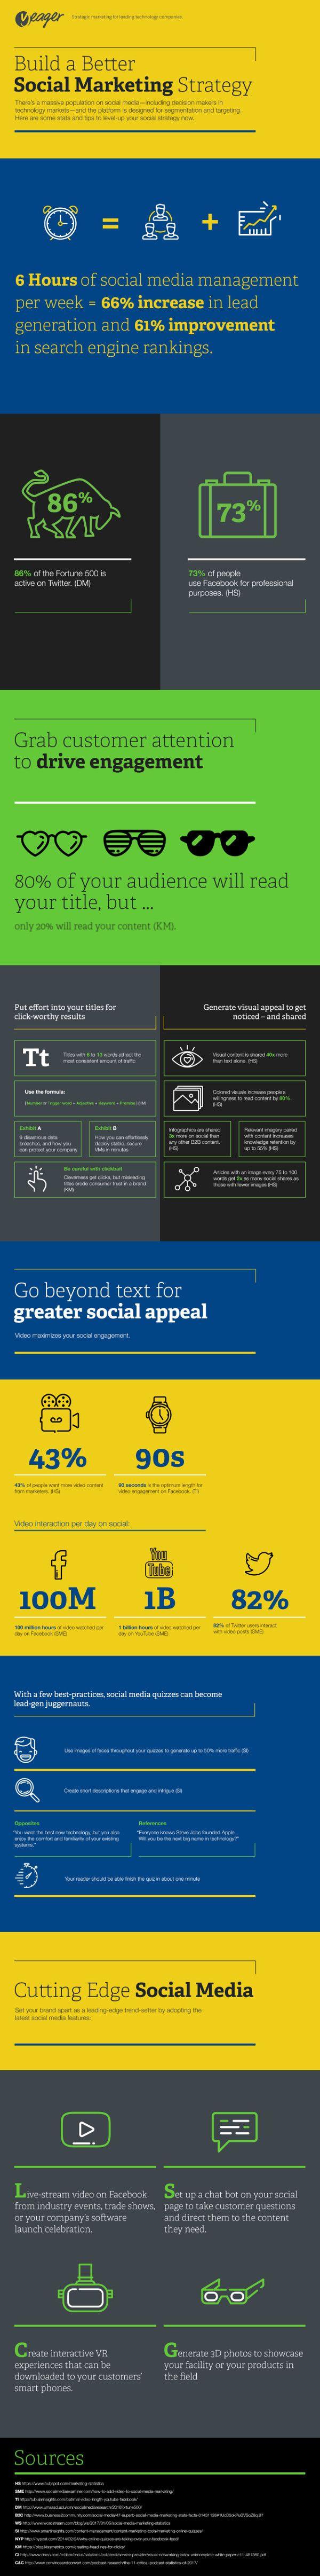 How to Build a Better Social Media Marketing Strategy - @marketingprofs